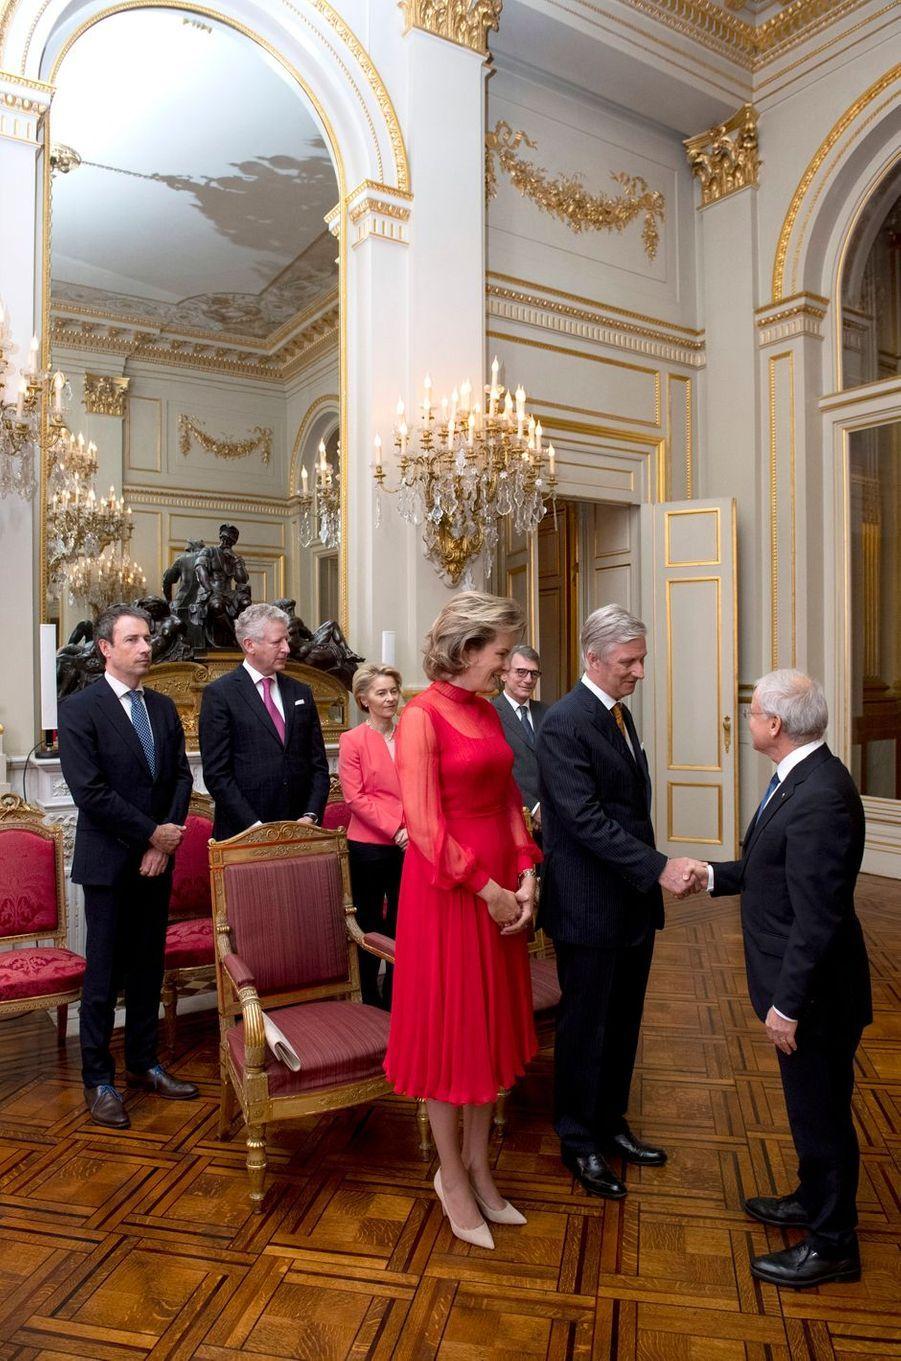 La reine Mathilde et le roi des Belges Philippe au Palais royal à Bruxelles, le 9 janvier 2020